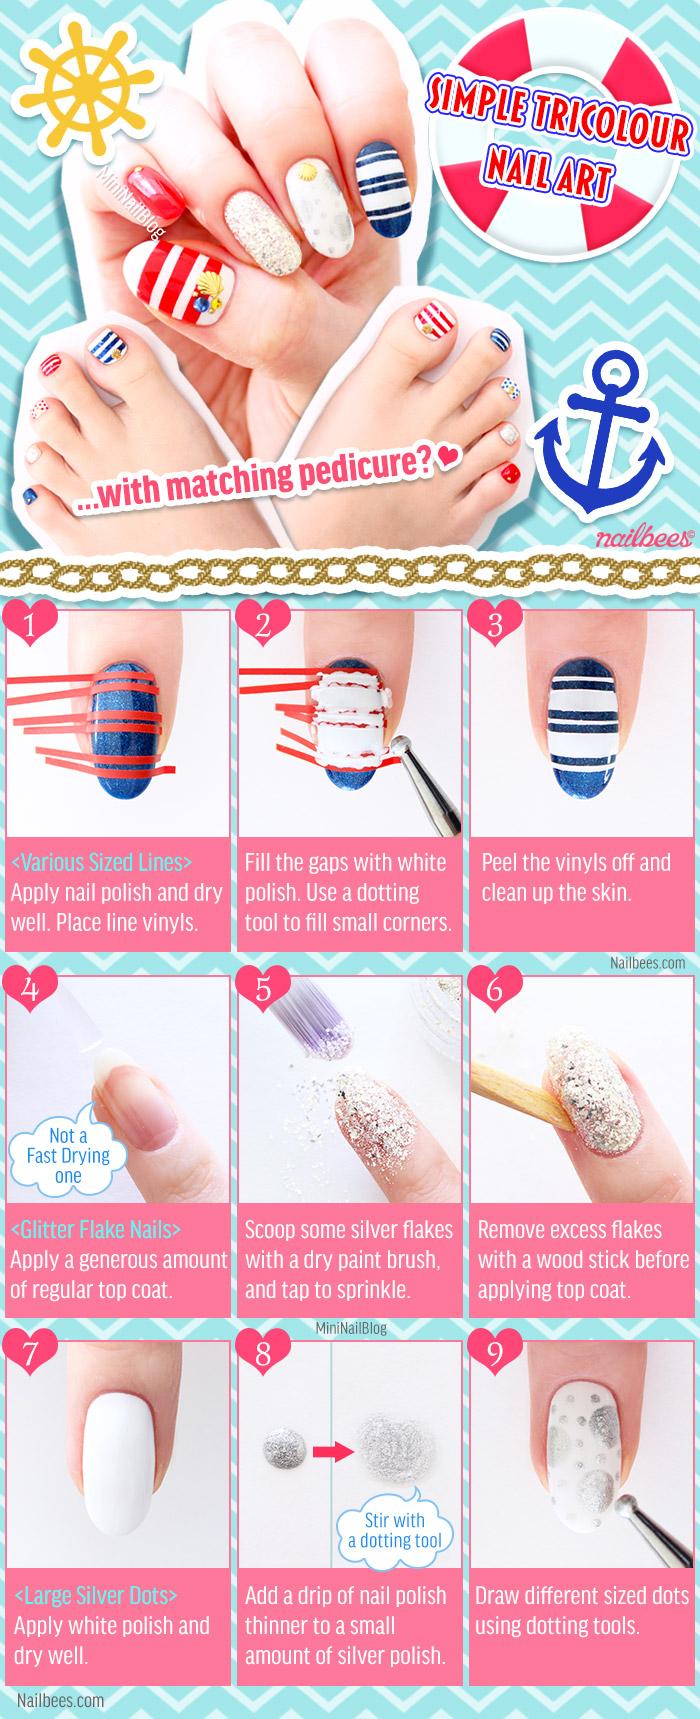 Simple Tricolour Nail Art Tutorial